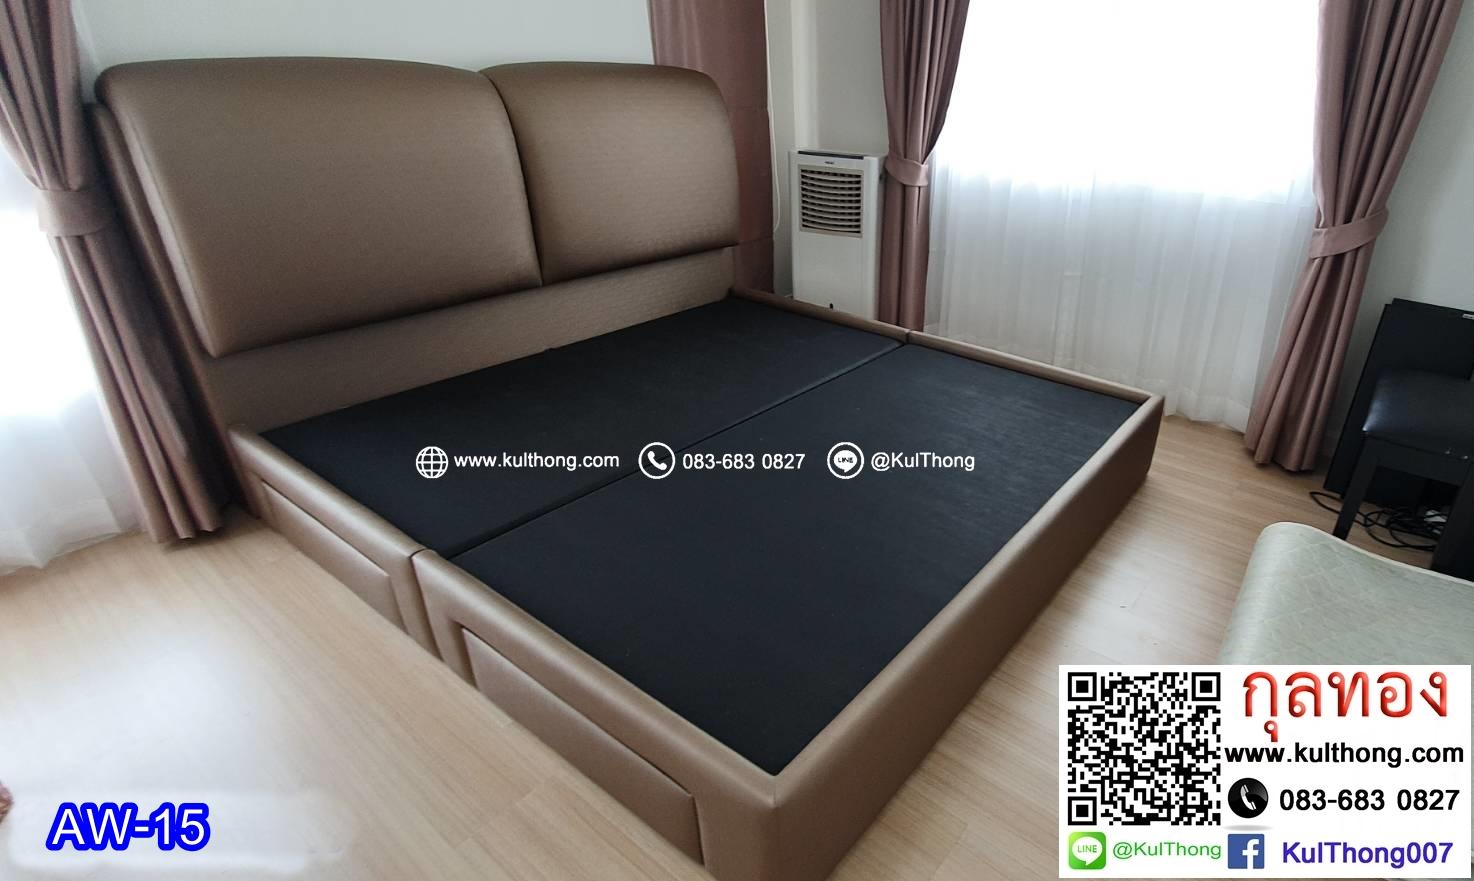 เตียงหุ้มหนัง เตียงหัวบุนวม ฐานรองที่นอน เตียงดีไซน์